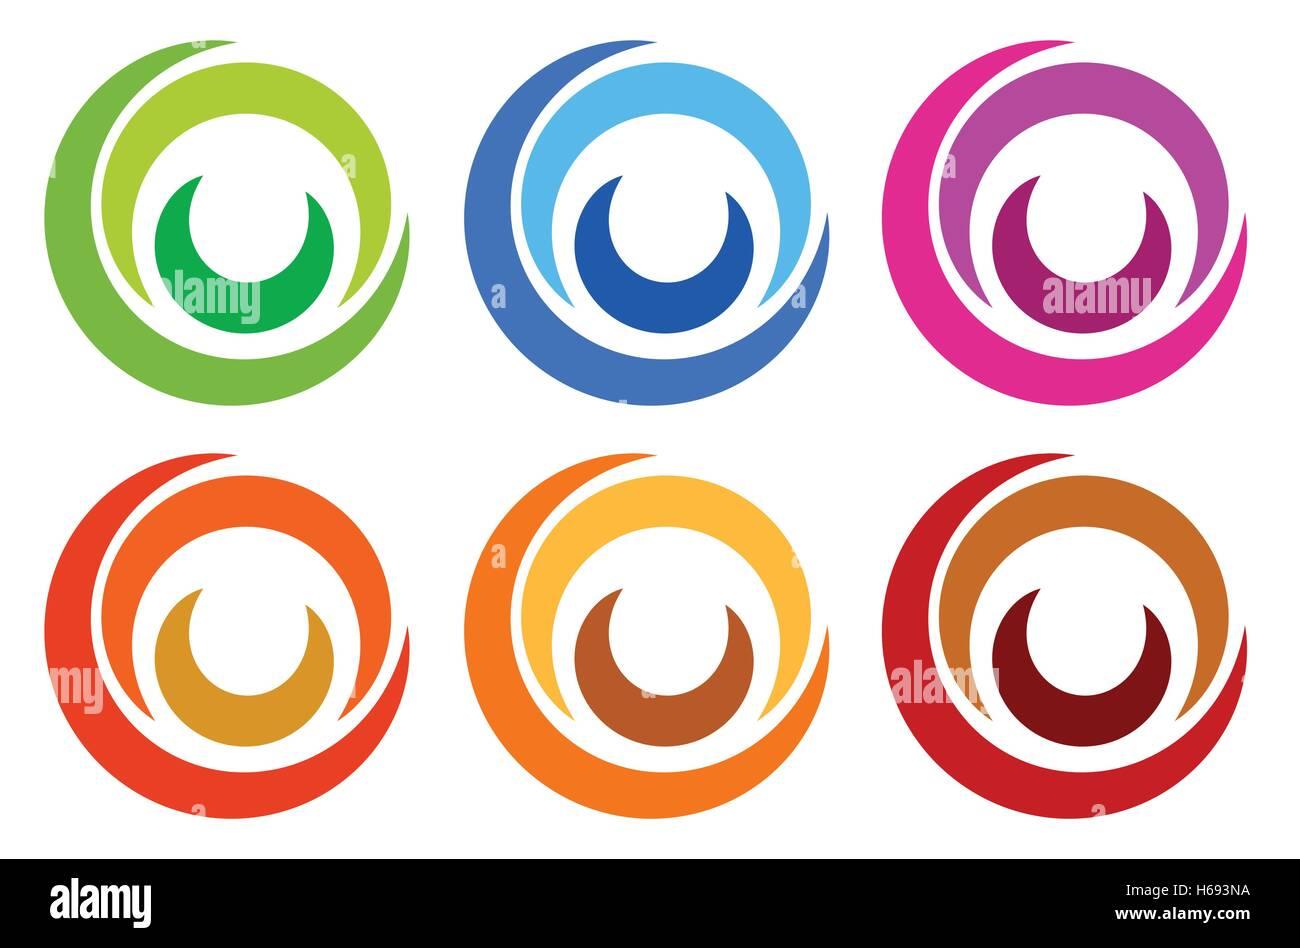 Bunter Kreis-Logo, Symbol Vorlagen. segmentierte konzentrisch Vektor ...